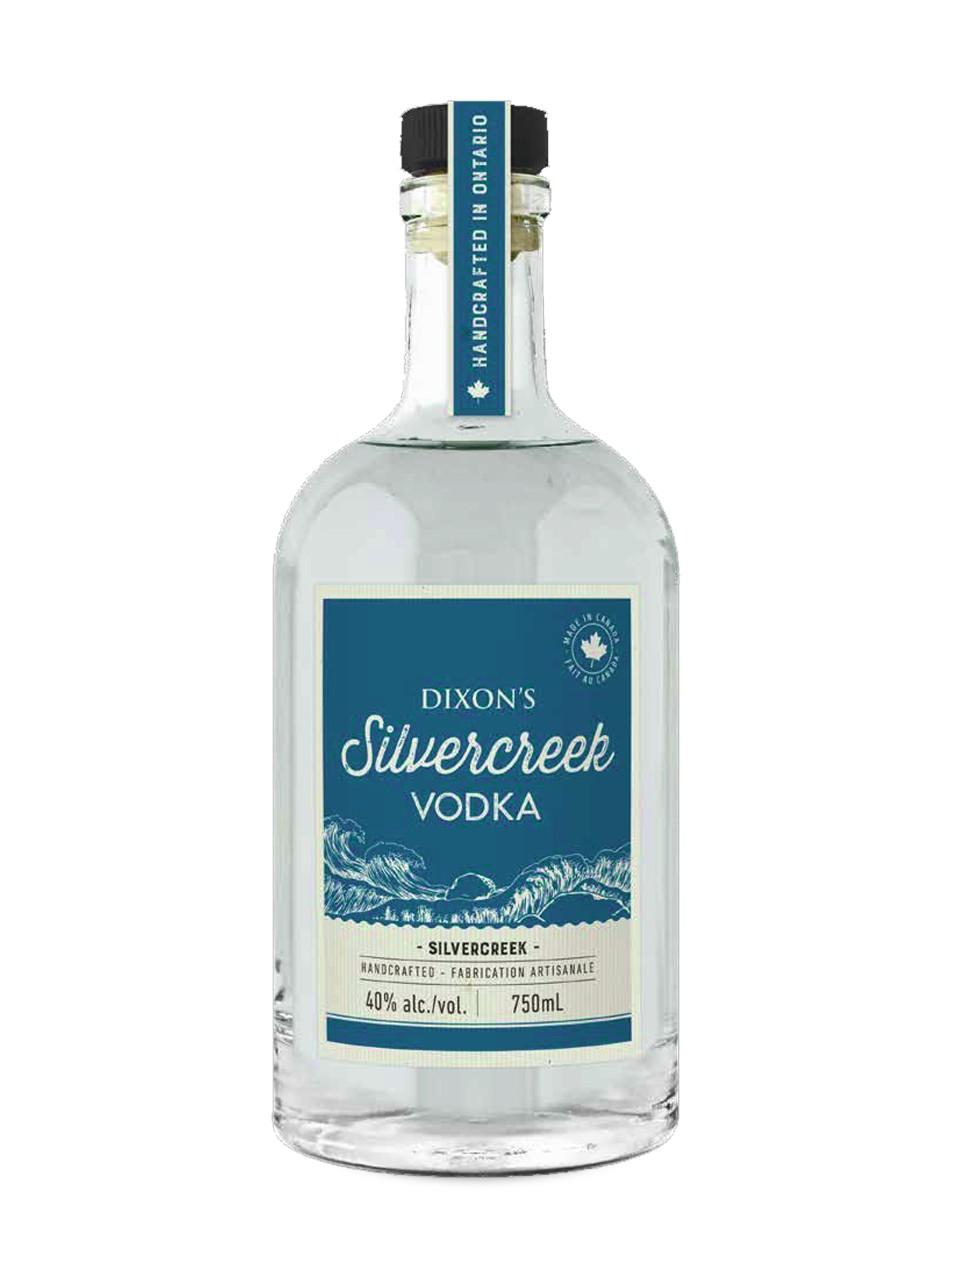 Dixon's Distilled Spirits